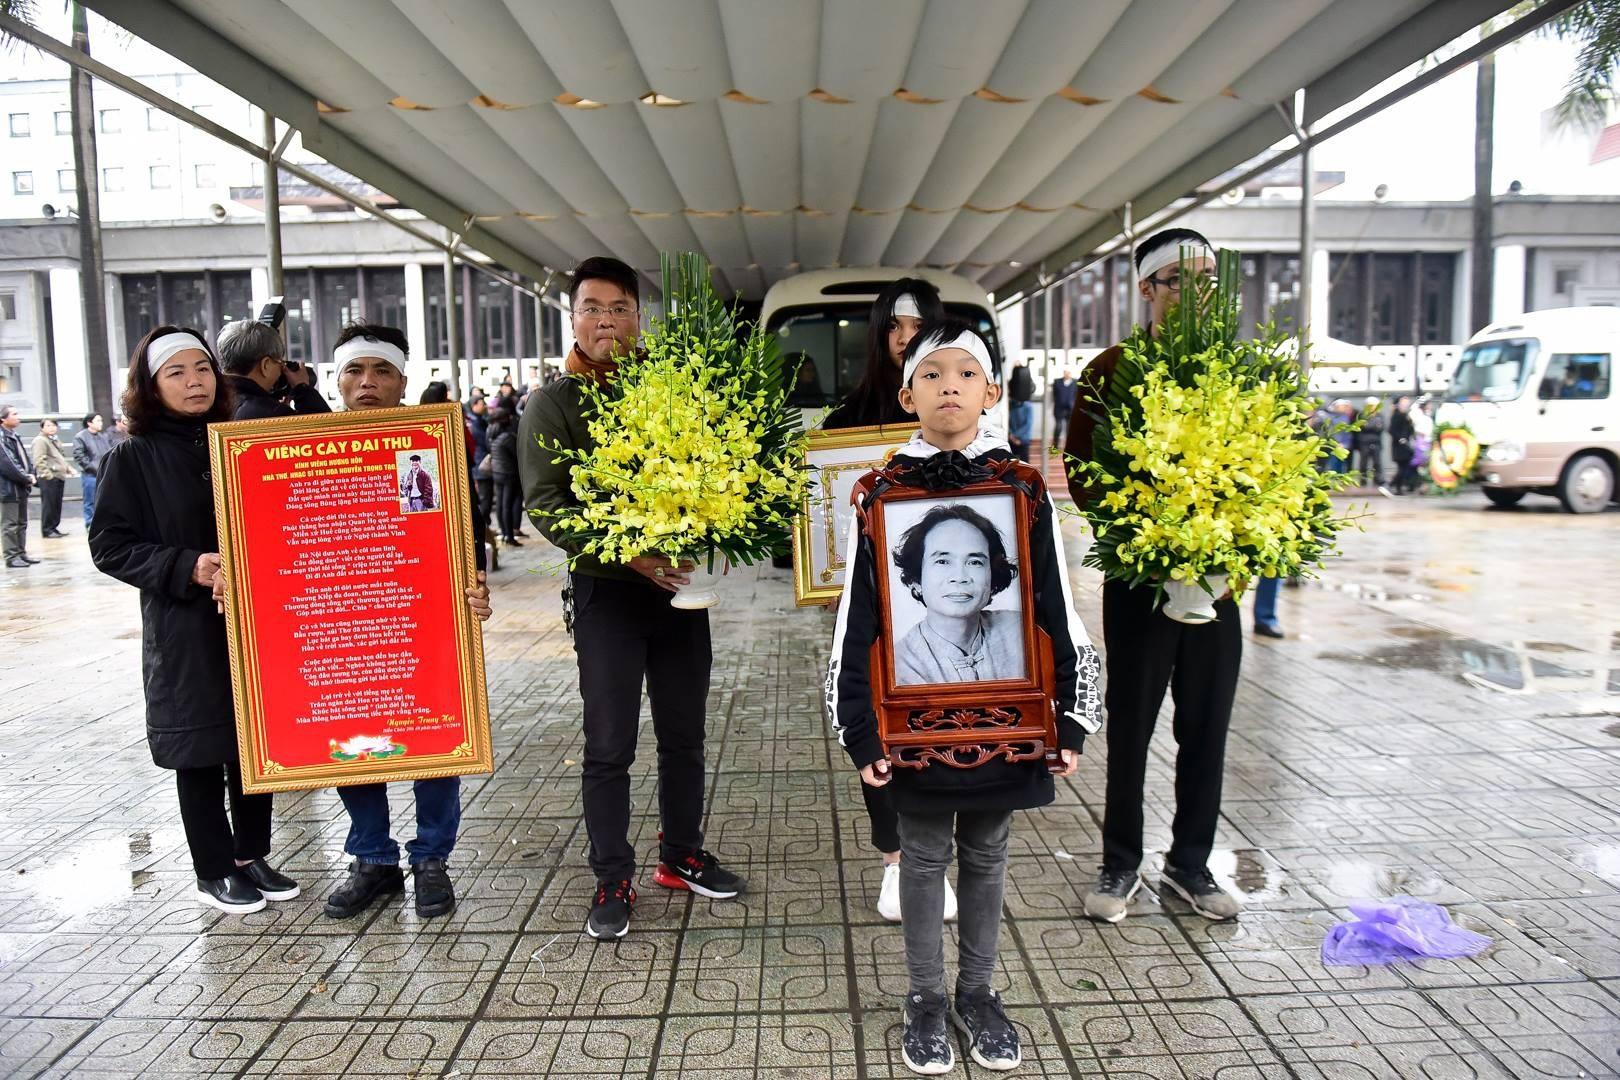 Đông đảo bạn bè, văn nghệ sĩ đến tiễn đưa nhà thơ- nhạc sĩ Nguyễn Trọng Tạo - Ảnh 24.